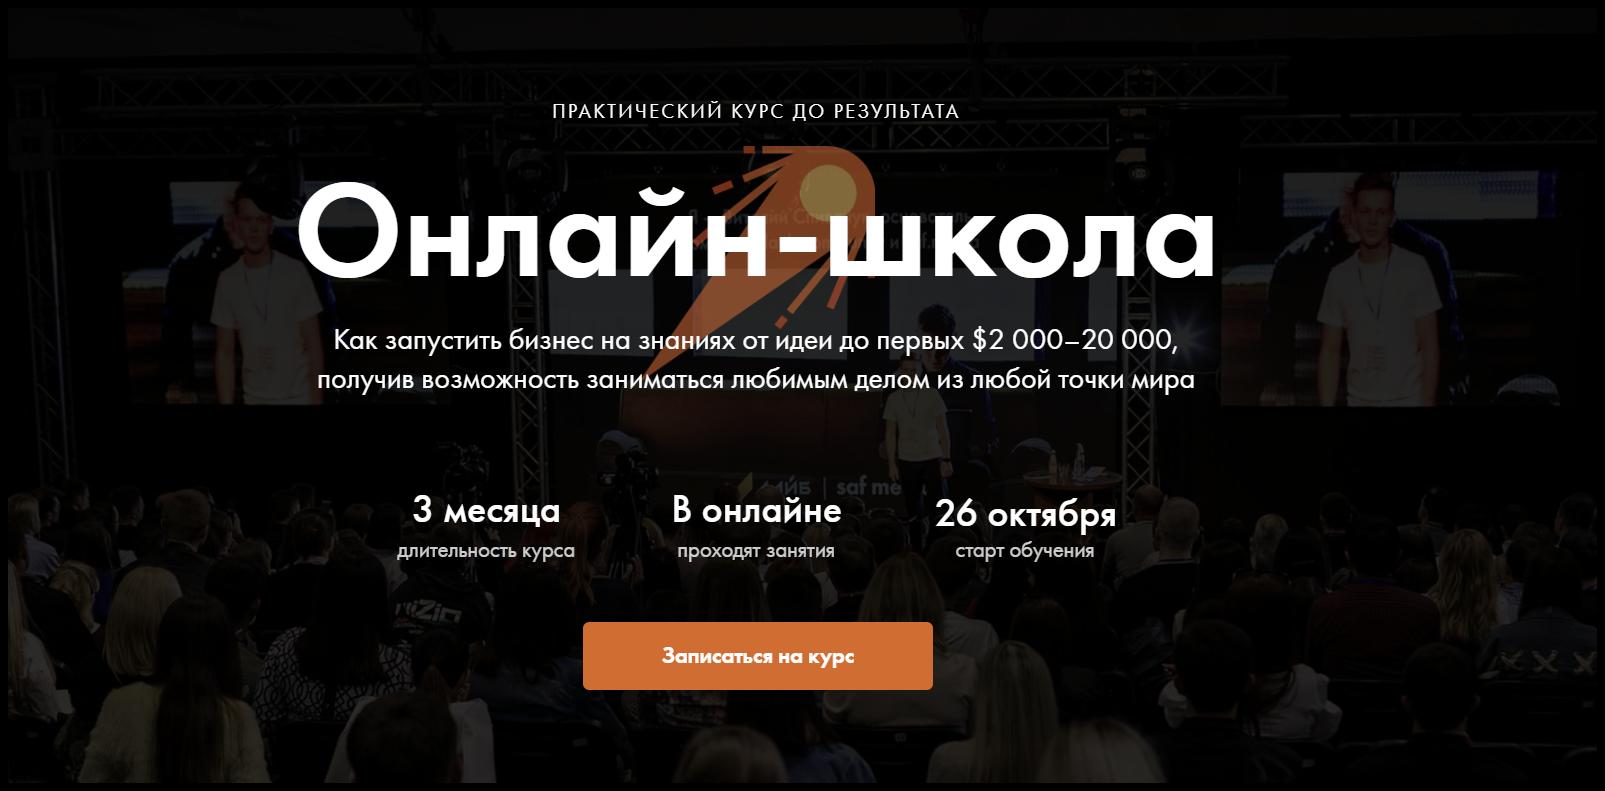 Онлайн-школа —Лайб 4.png